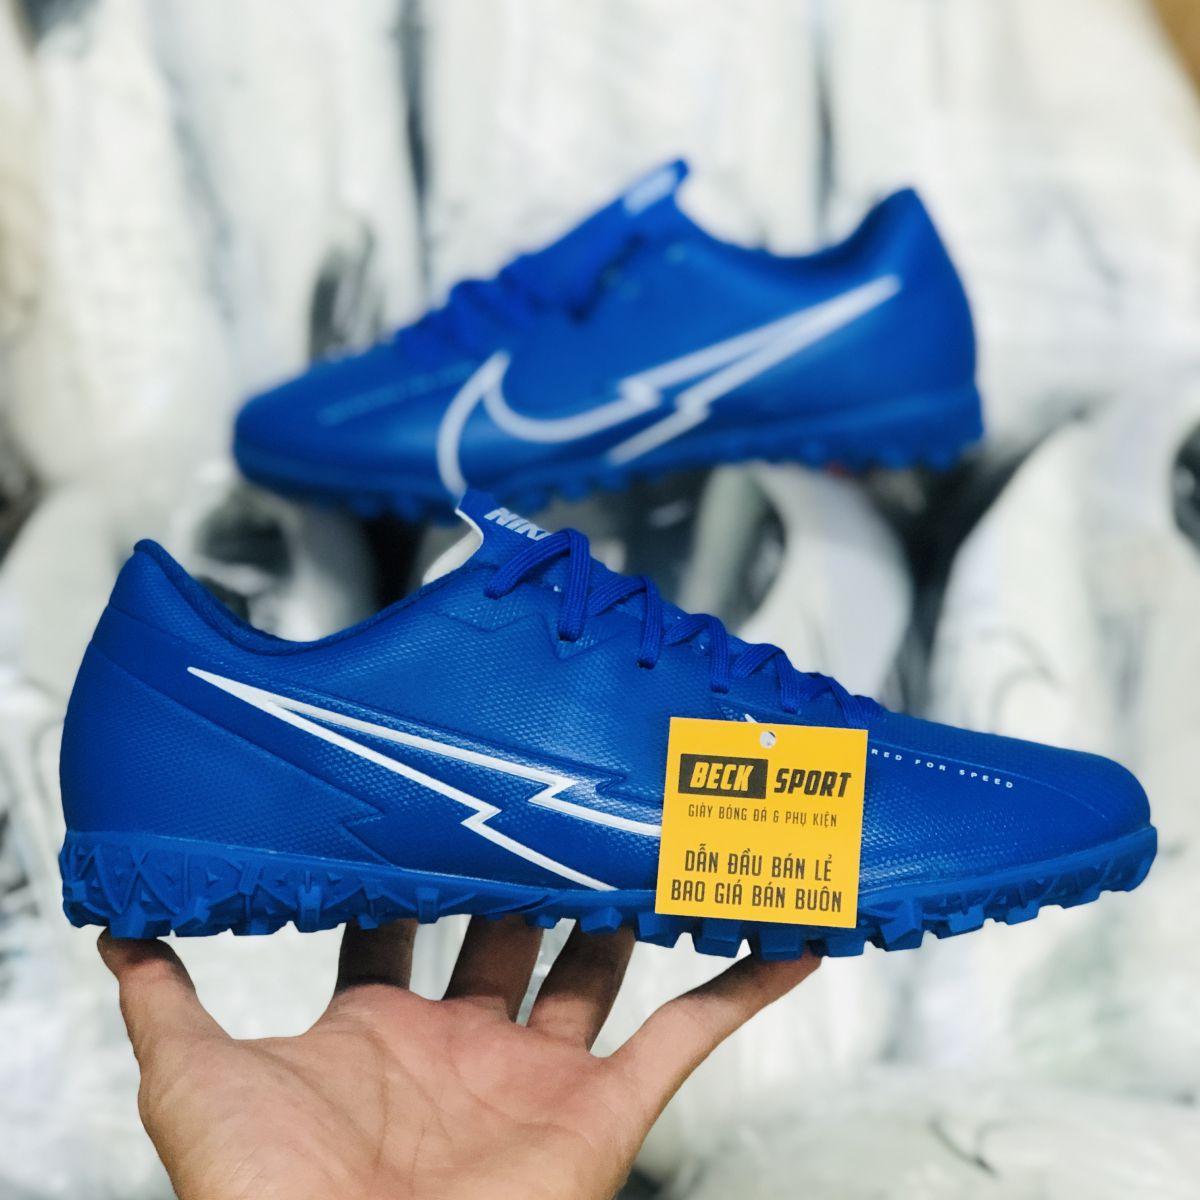 Giày Bóng Đá Nike Mercurial Vapor 13 Academy Xanh Biển Vạch Trắng V3 TF